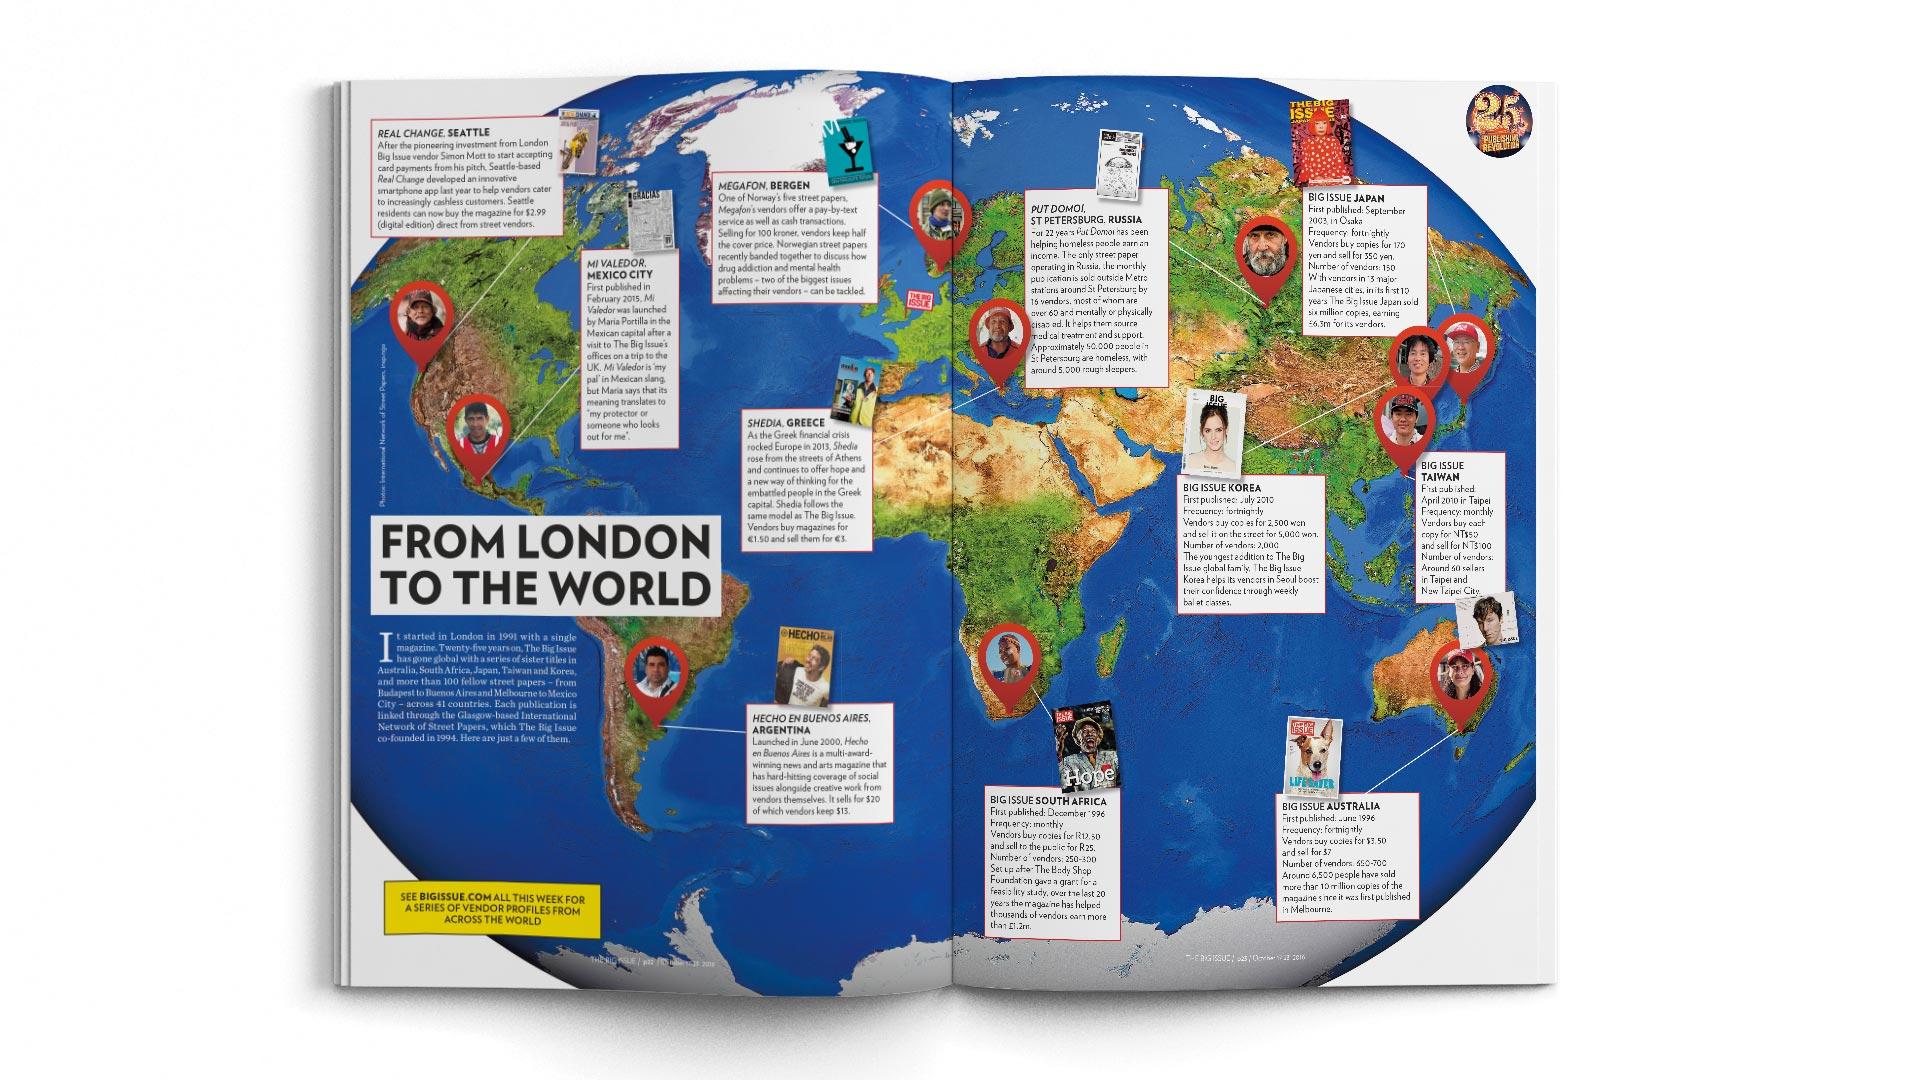 A4-Magazine-DPS-TBI-Vendor-world-map